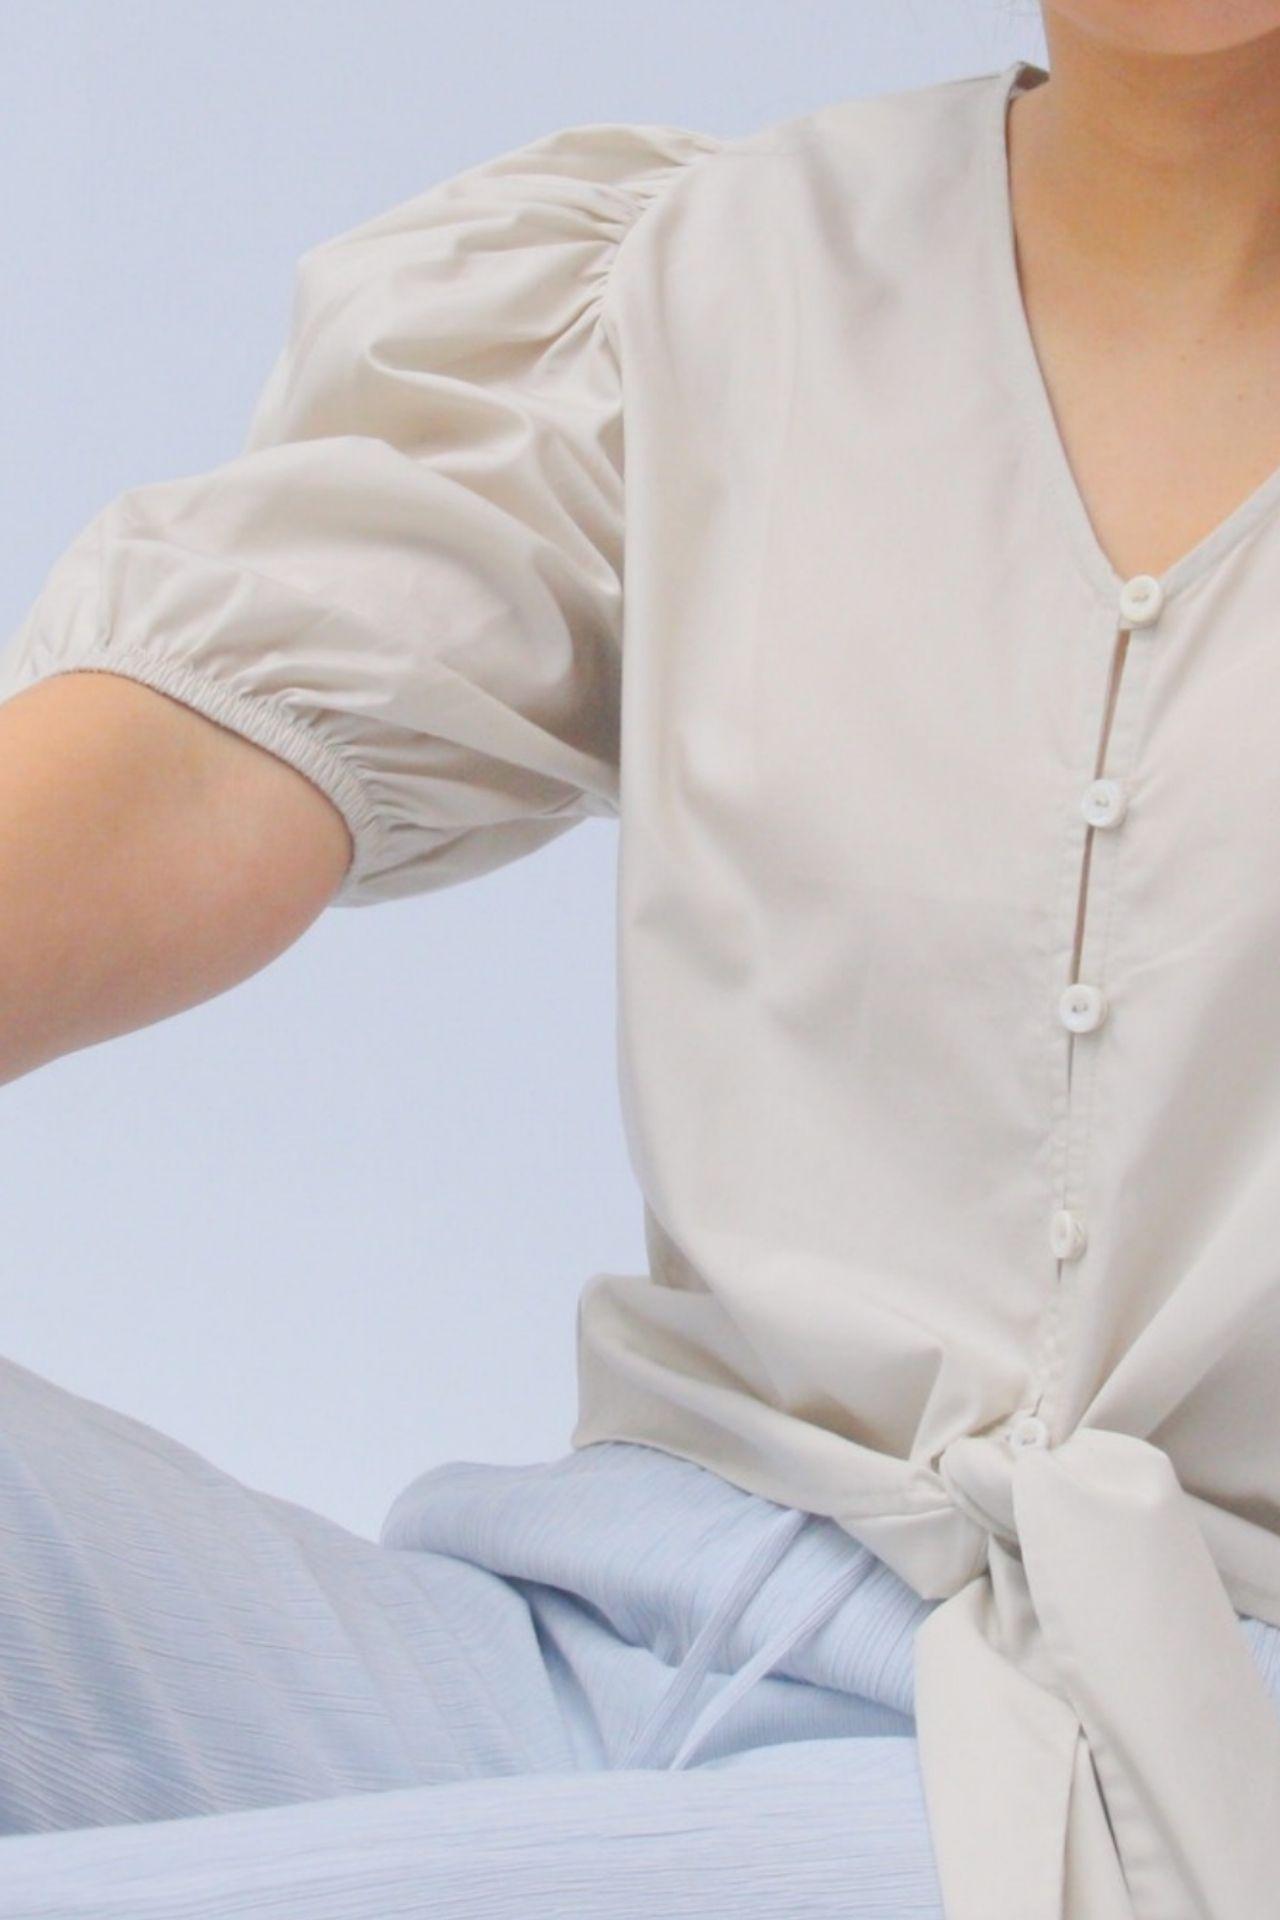 Blusa con mangas anchas  Detalle para amarrar adelante  100% algodon prima  Elegante y versatil  Talla S: largo 48 cm y ancho 44 cm  Talla M: largo 50cm y ancho 46 cm  Talla L: largo 52cm y ancho 48cm